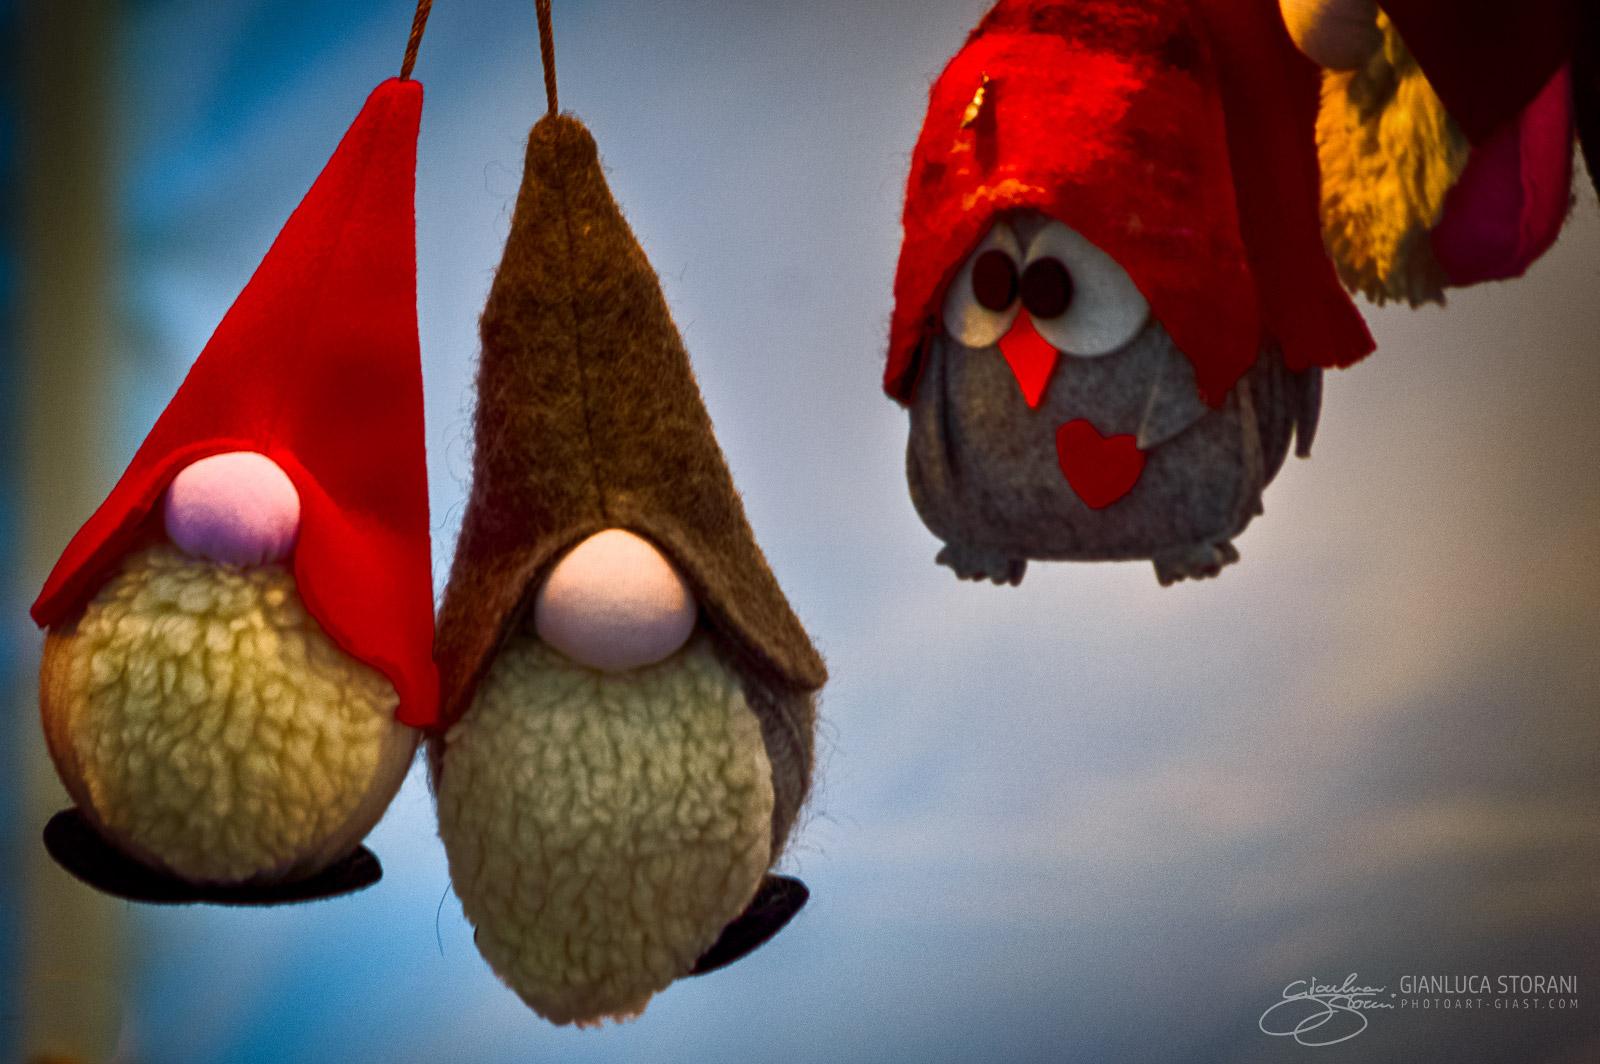 Il barattolo di Natale - Gianluca Storani Photo Art (ID: 4-7016)